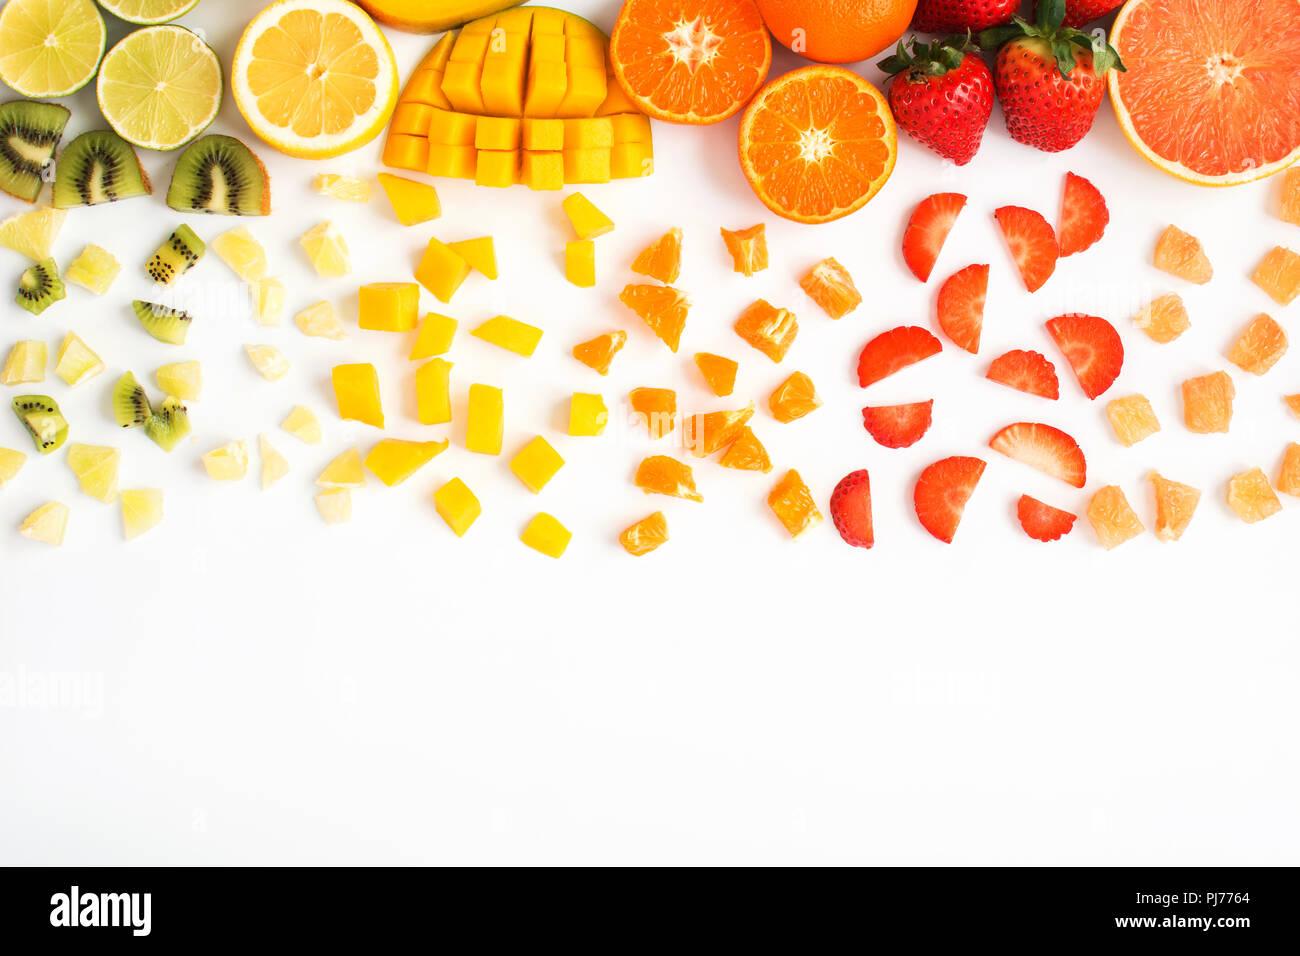 Red Orange Fruit Pictures